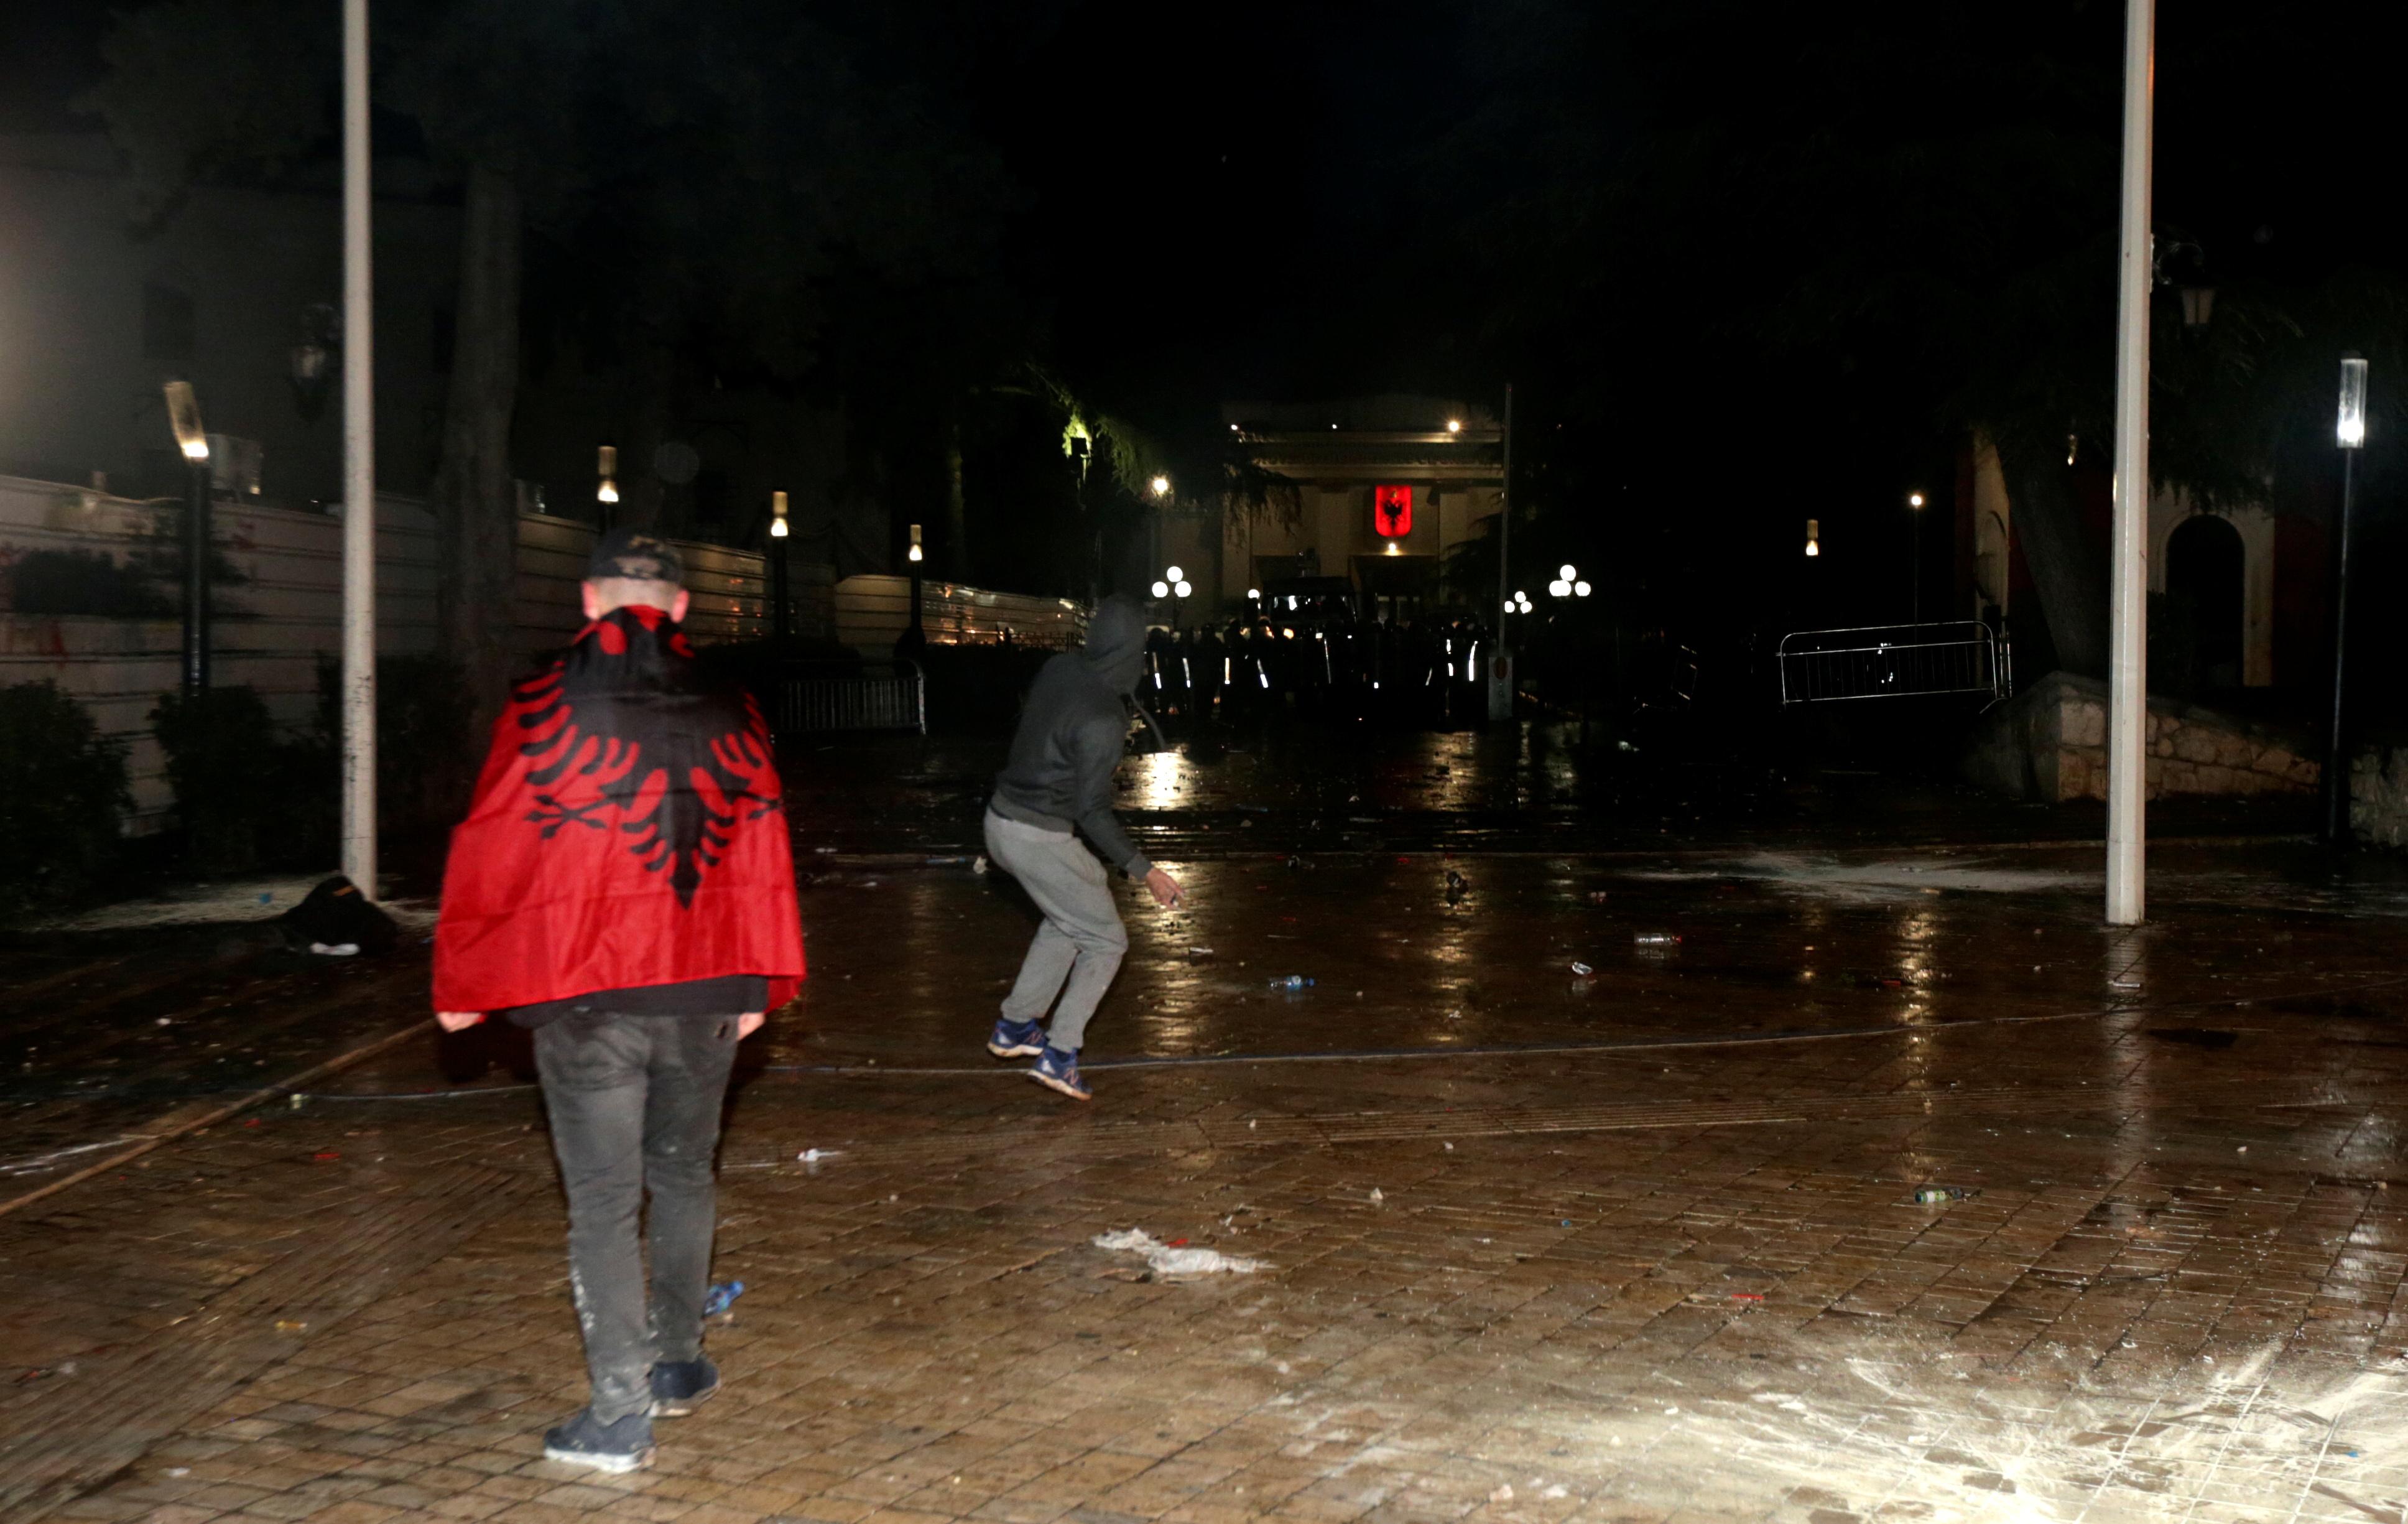 أنصار حزب المعارضة يحضرون احتجاجًا معارضًا للحكومة أمام مبنى البرلمان في تيرانا